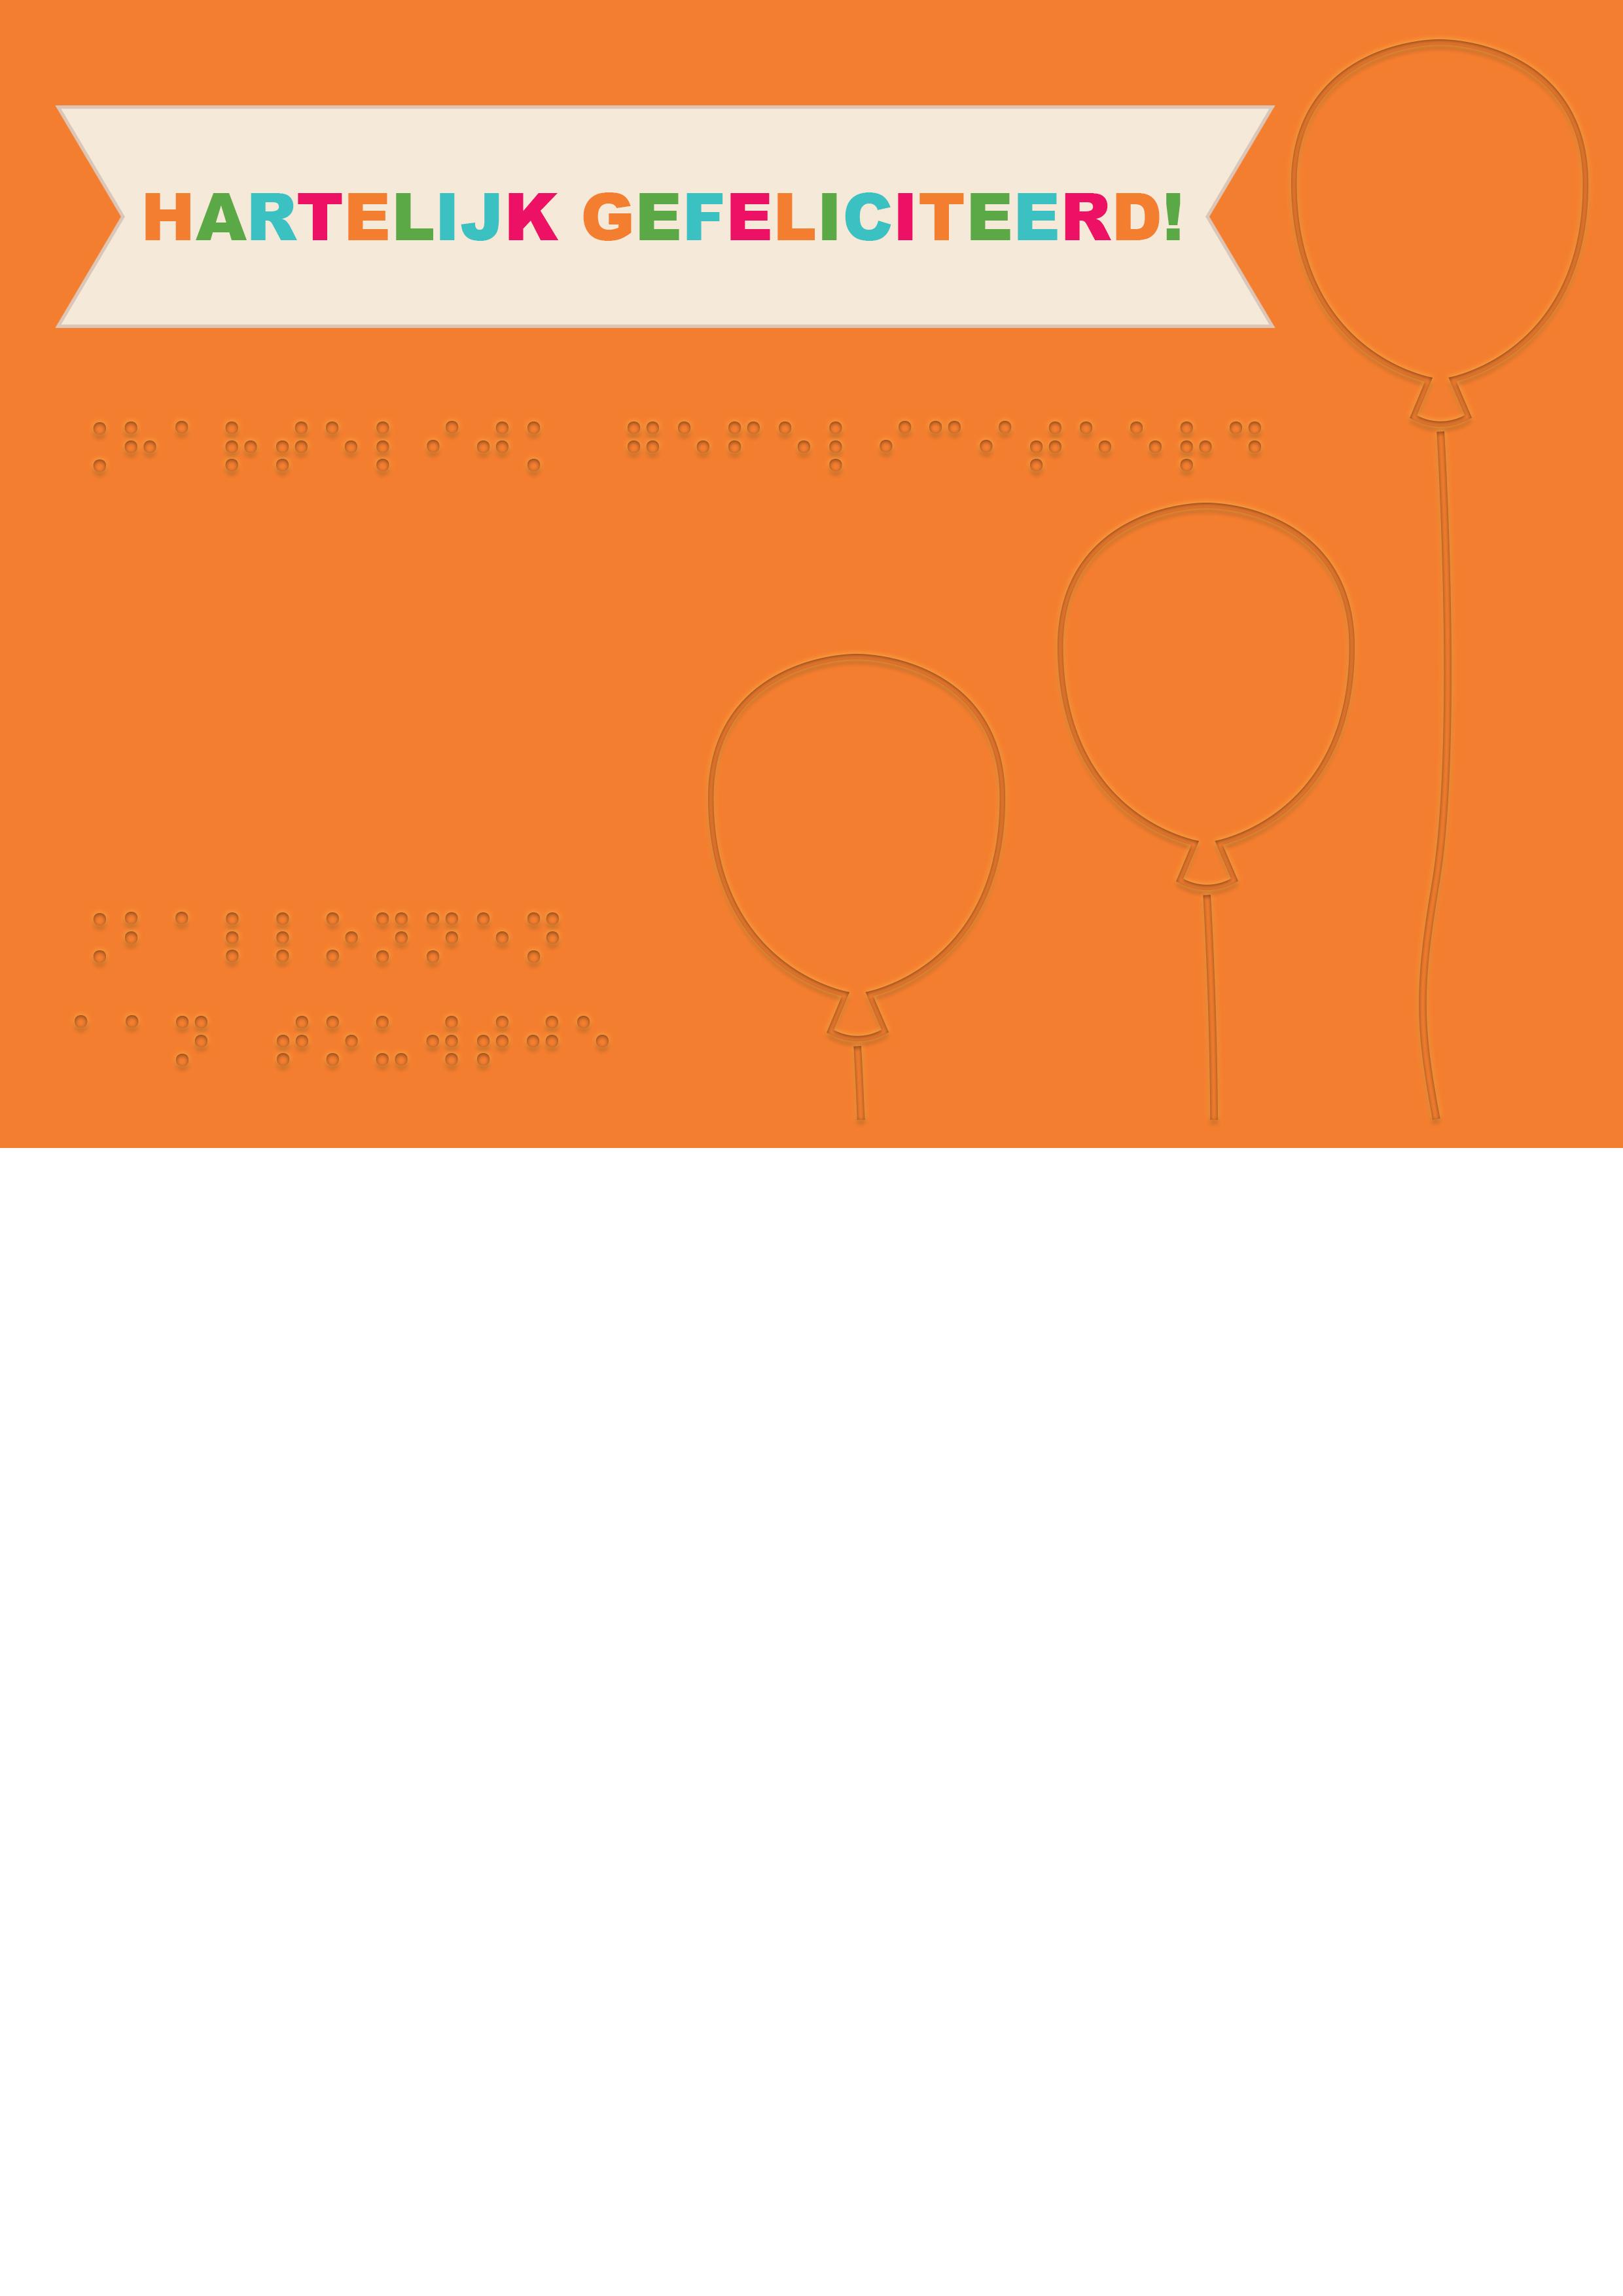 Voelbare wenskaart met braille en reliëf. In braille de tekst: Hartelijke gefeliciteerd! Met voelbare afbeeldingen van ballonnen.